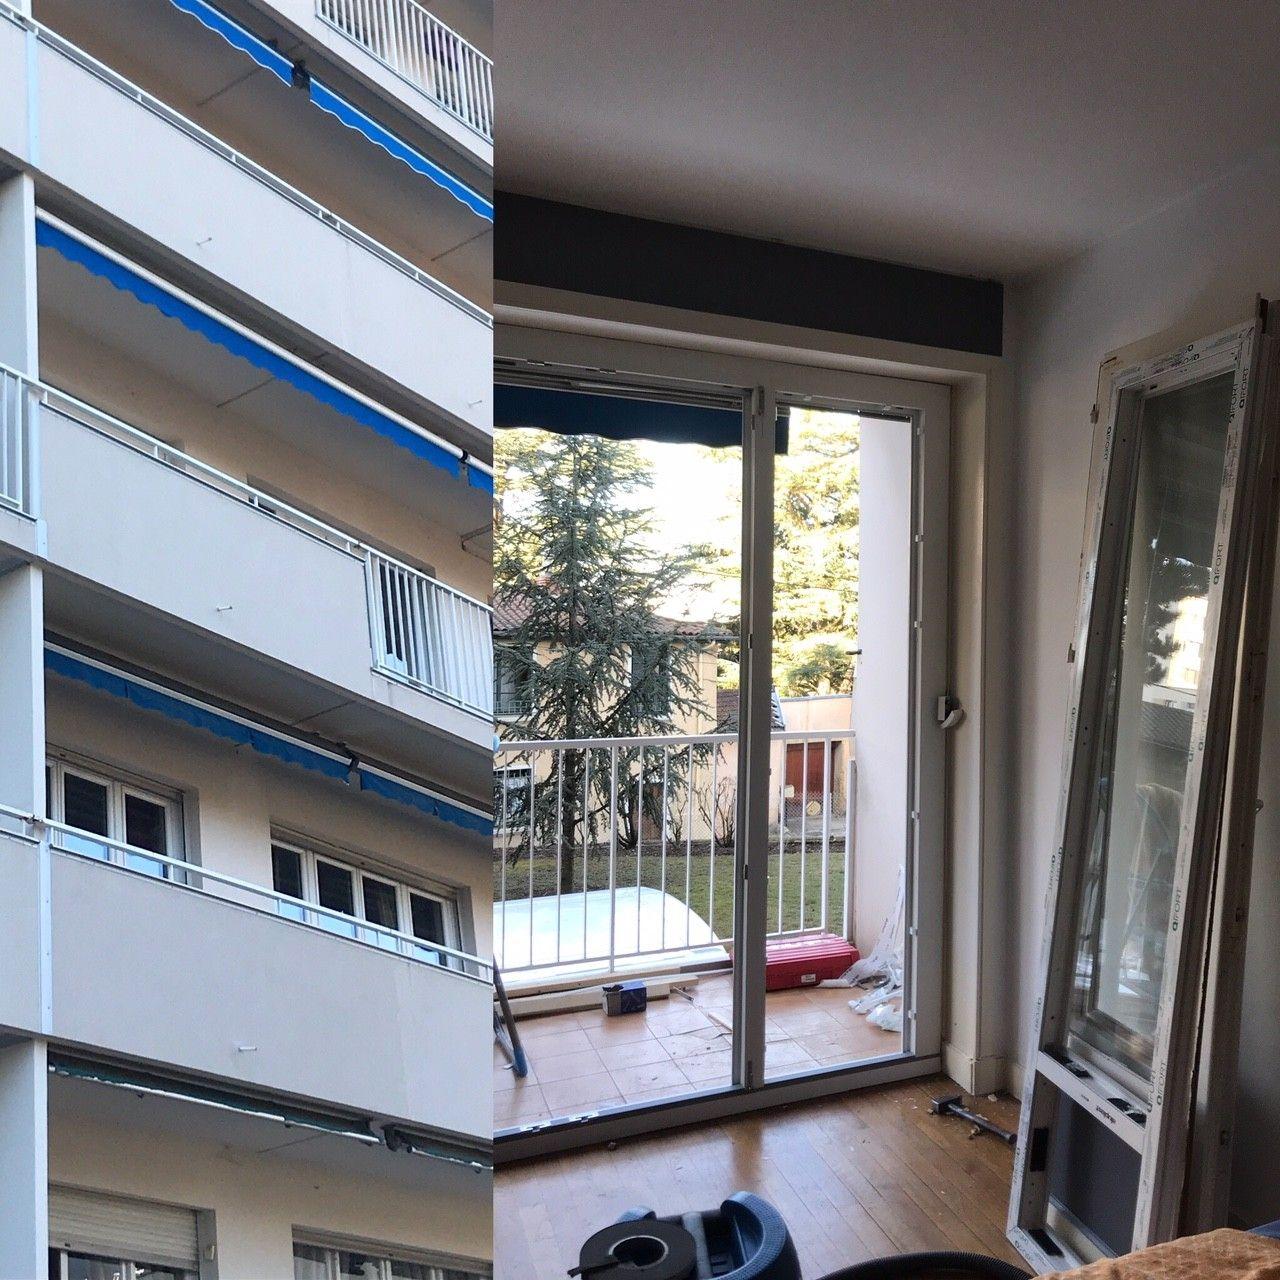 Changer Les Fenetres Rue De La Tarentaise 69300 Caluire Et Cuire